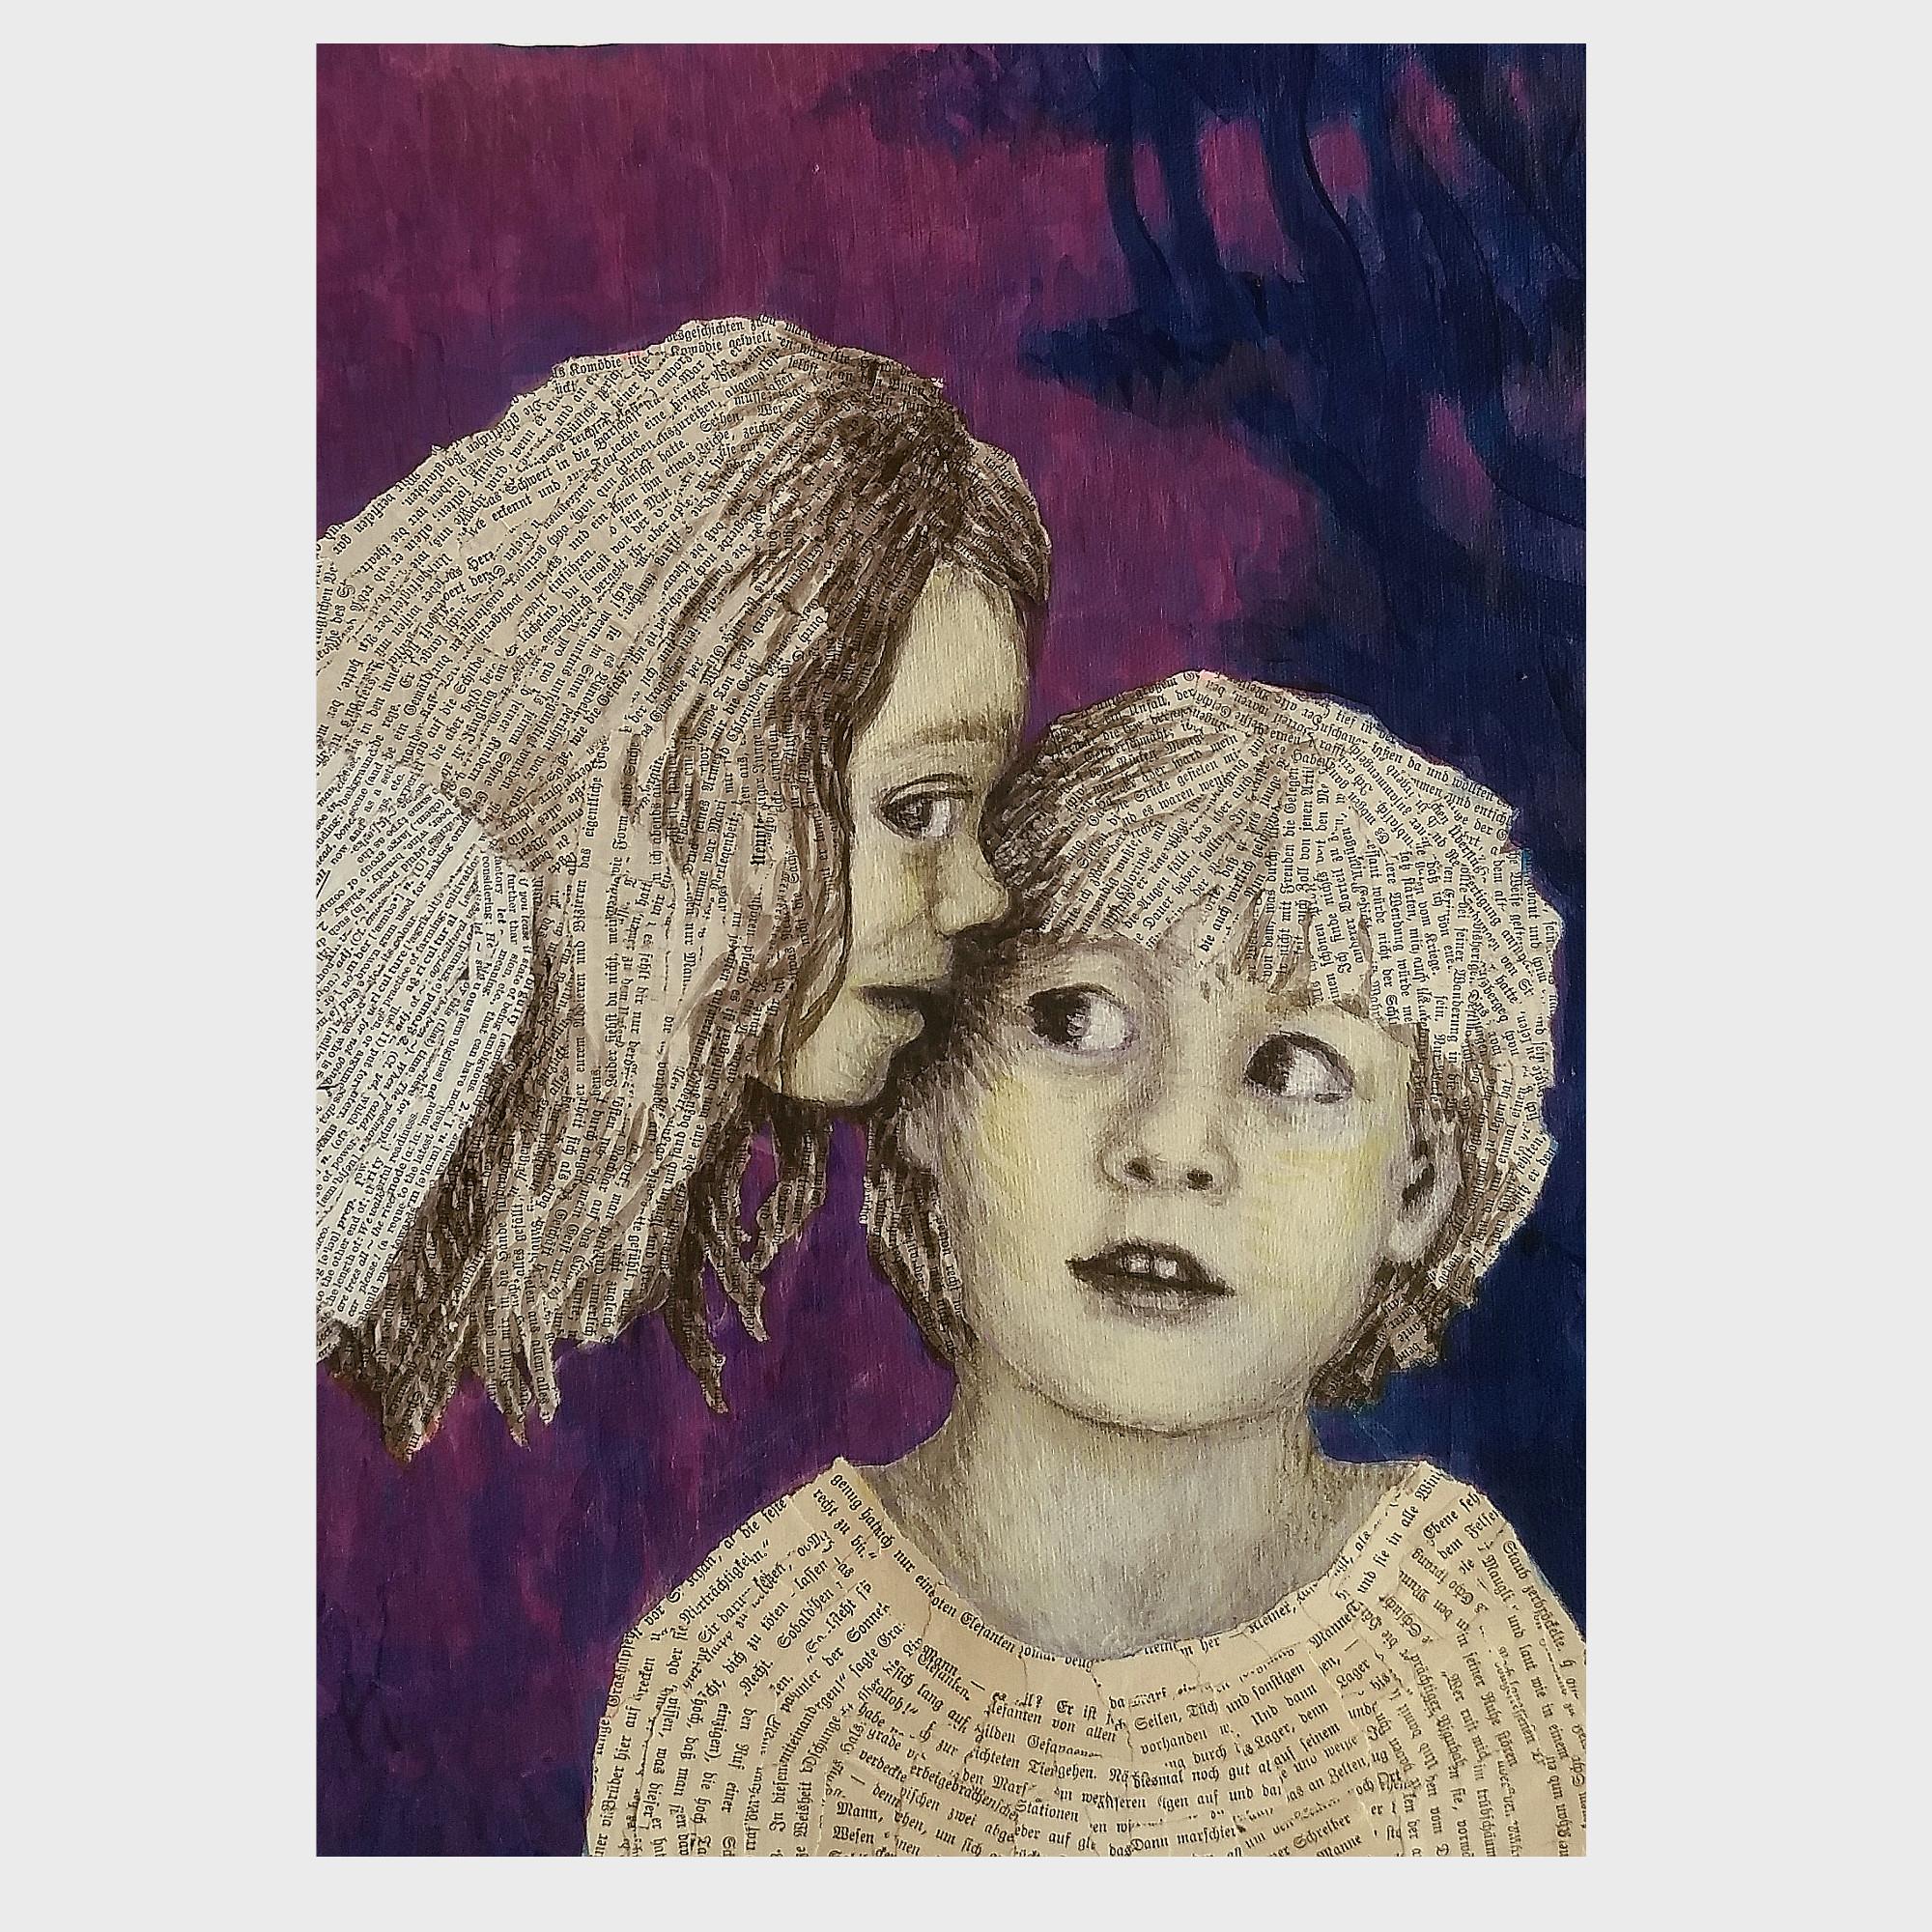 Abendlied: Collage aus Büchern, Upcycling Kunst von Dorothea Koch.